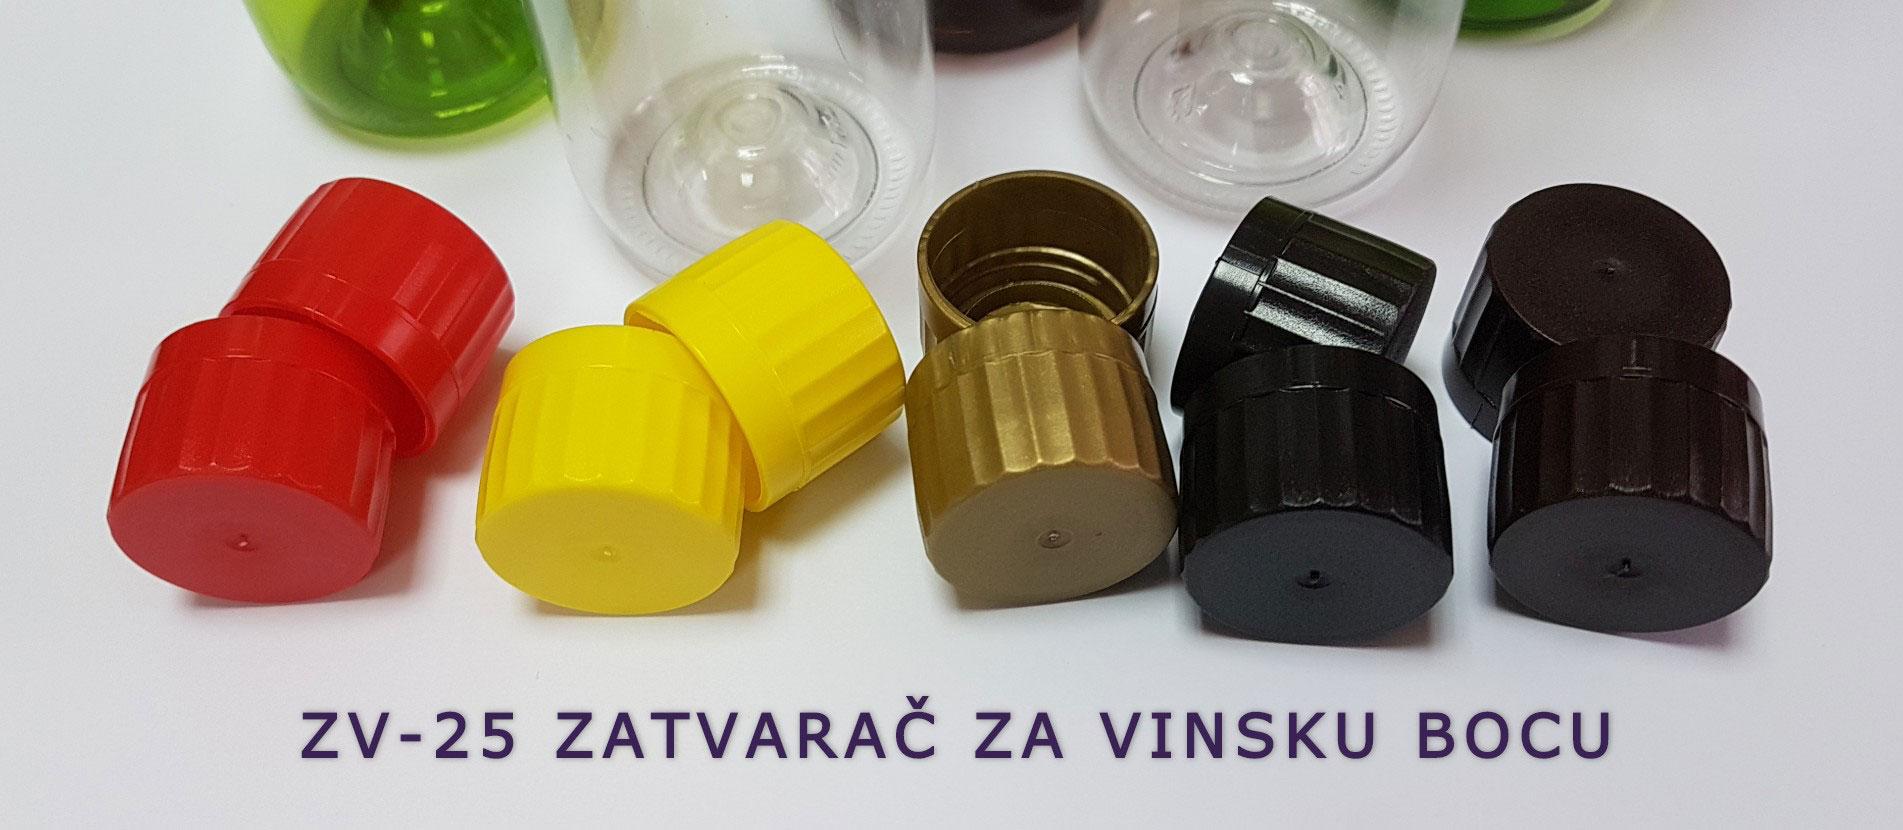 HemoTehna zatvarači za vinsku bocu 25mm